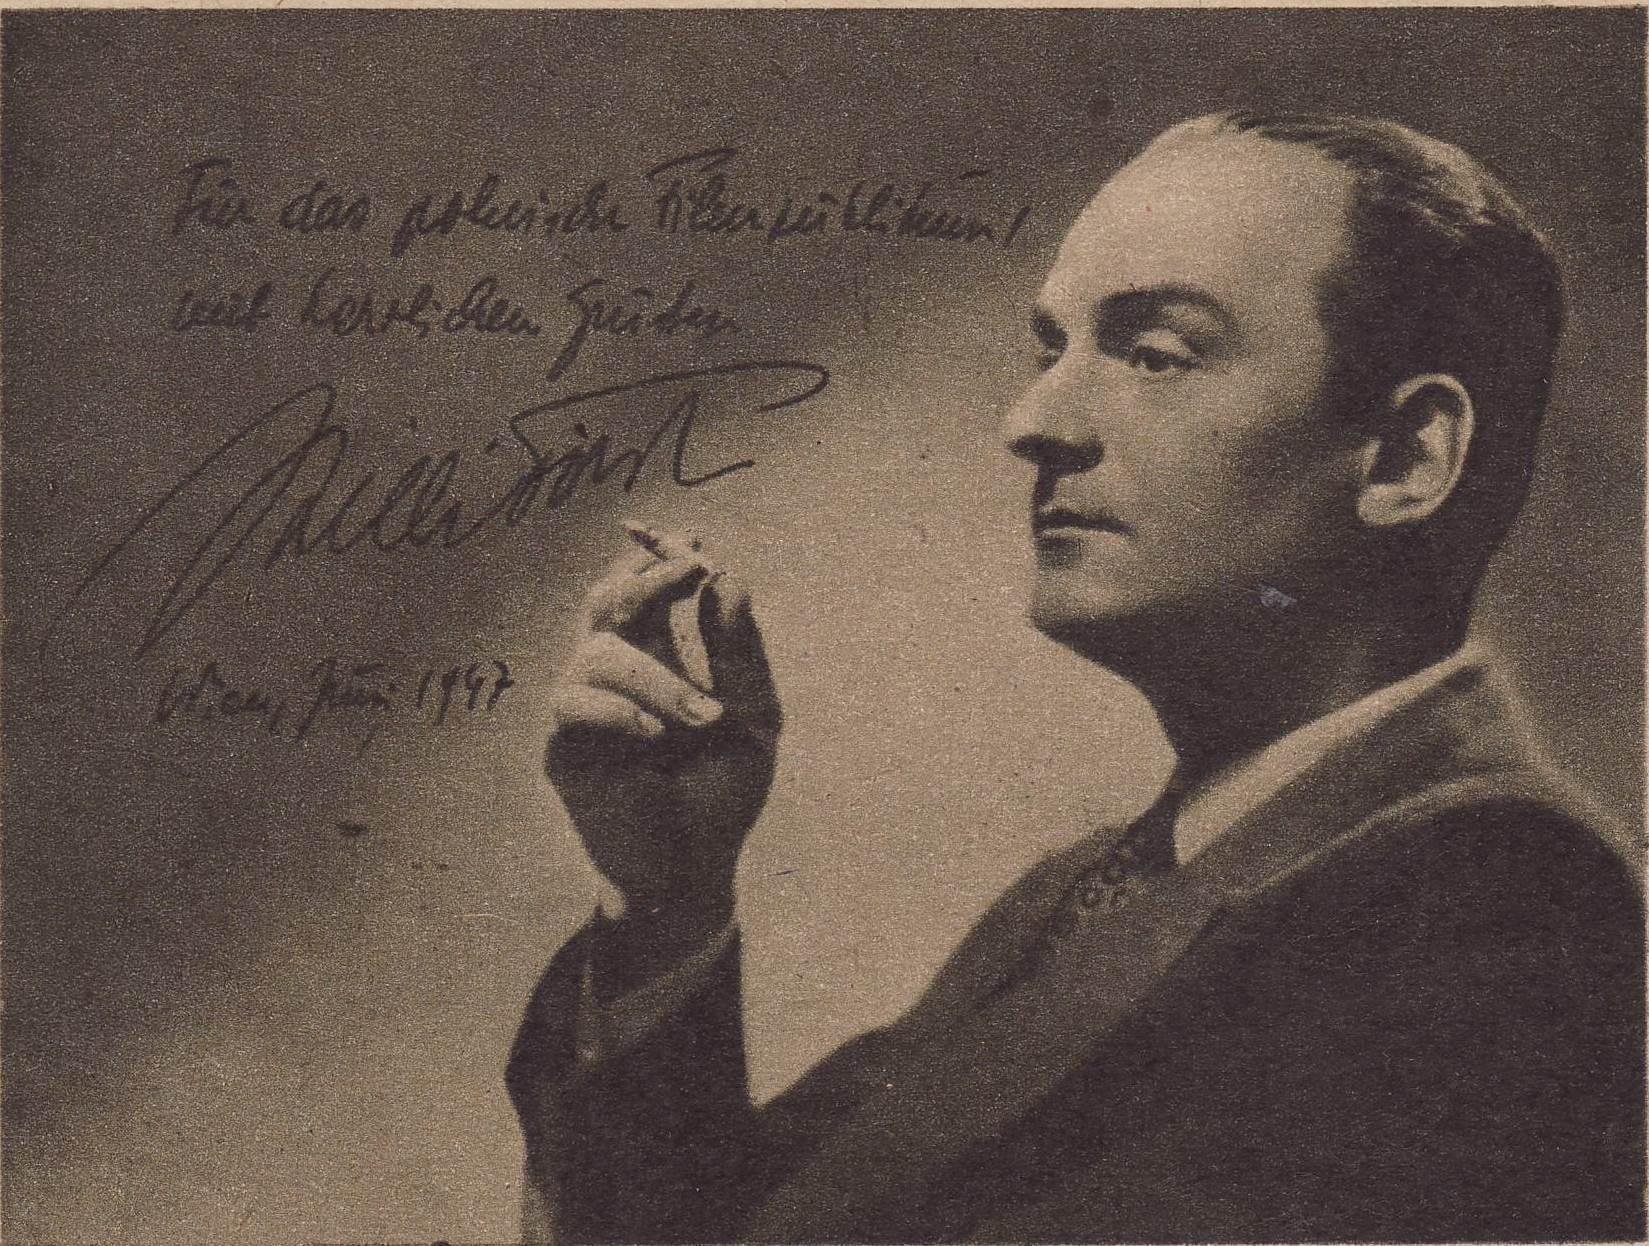 Willi Forst - Film nr 25 - 1947-09-15.JPG